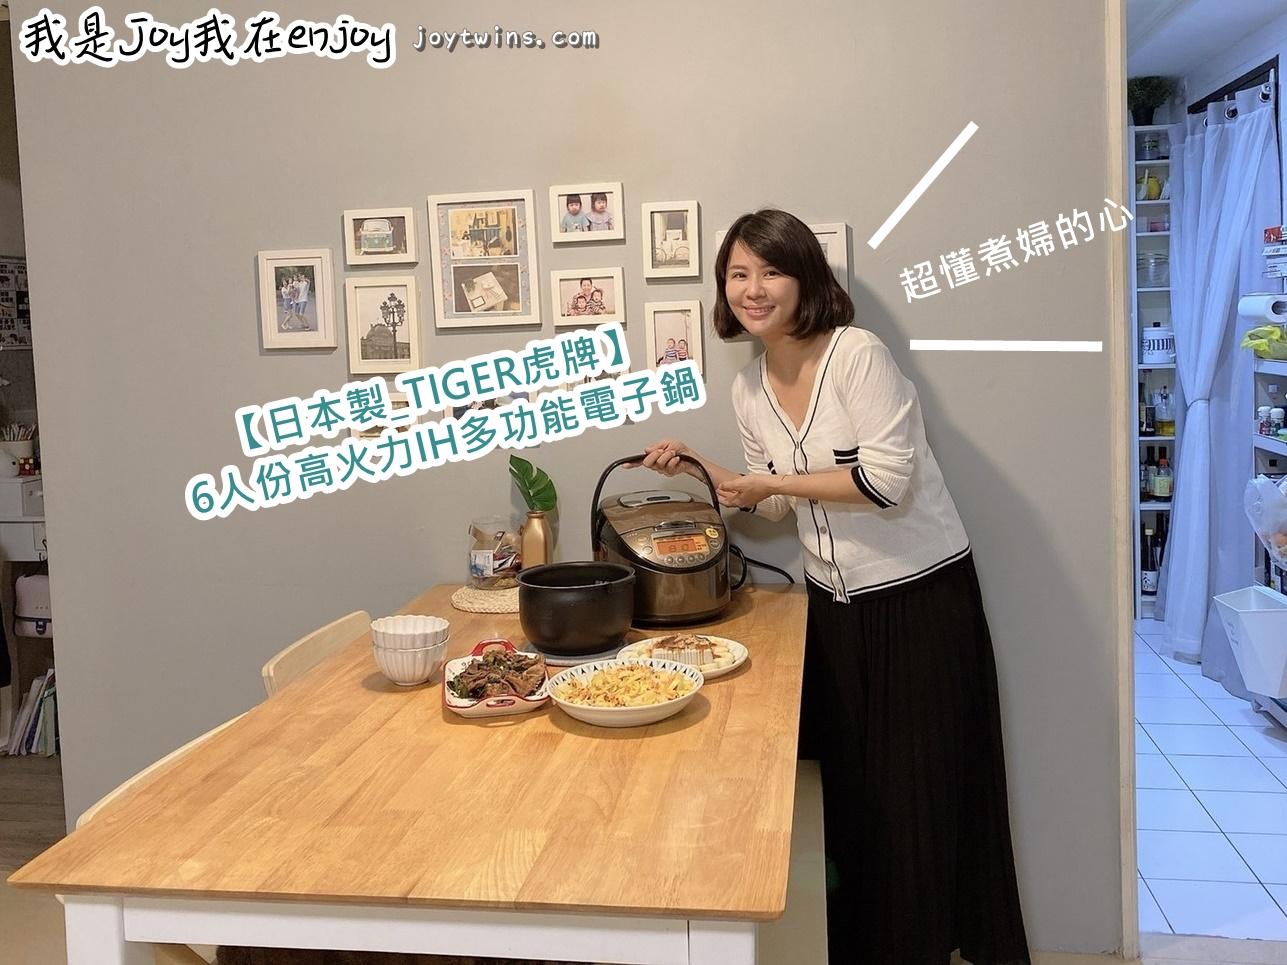 廚藝零分也不怕! 【日本製_TIGER虎牌】6人份高火力IH多功能電子鍋 米飯/湯品/燉肉通通能!